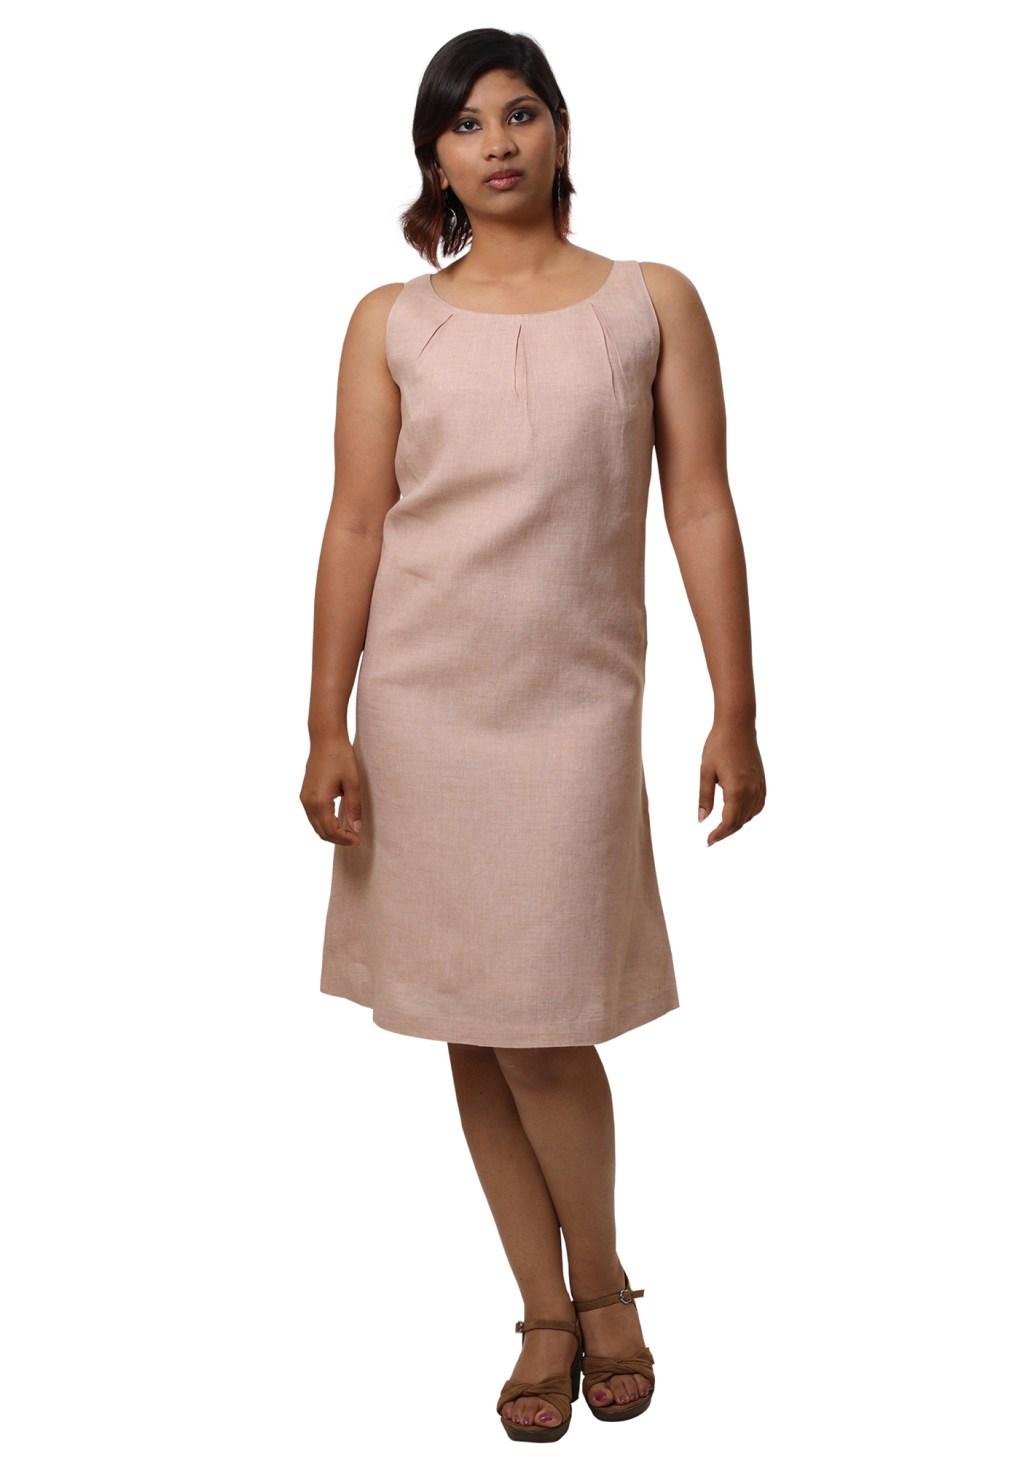 MINC Pleated Short Dress in Dune Beige Linen